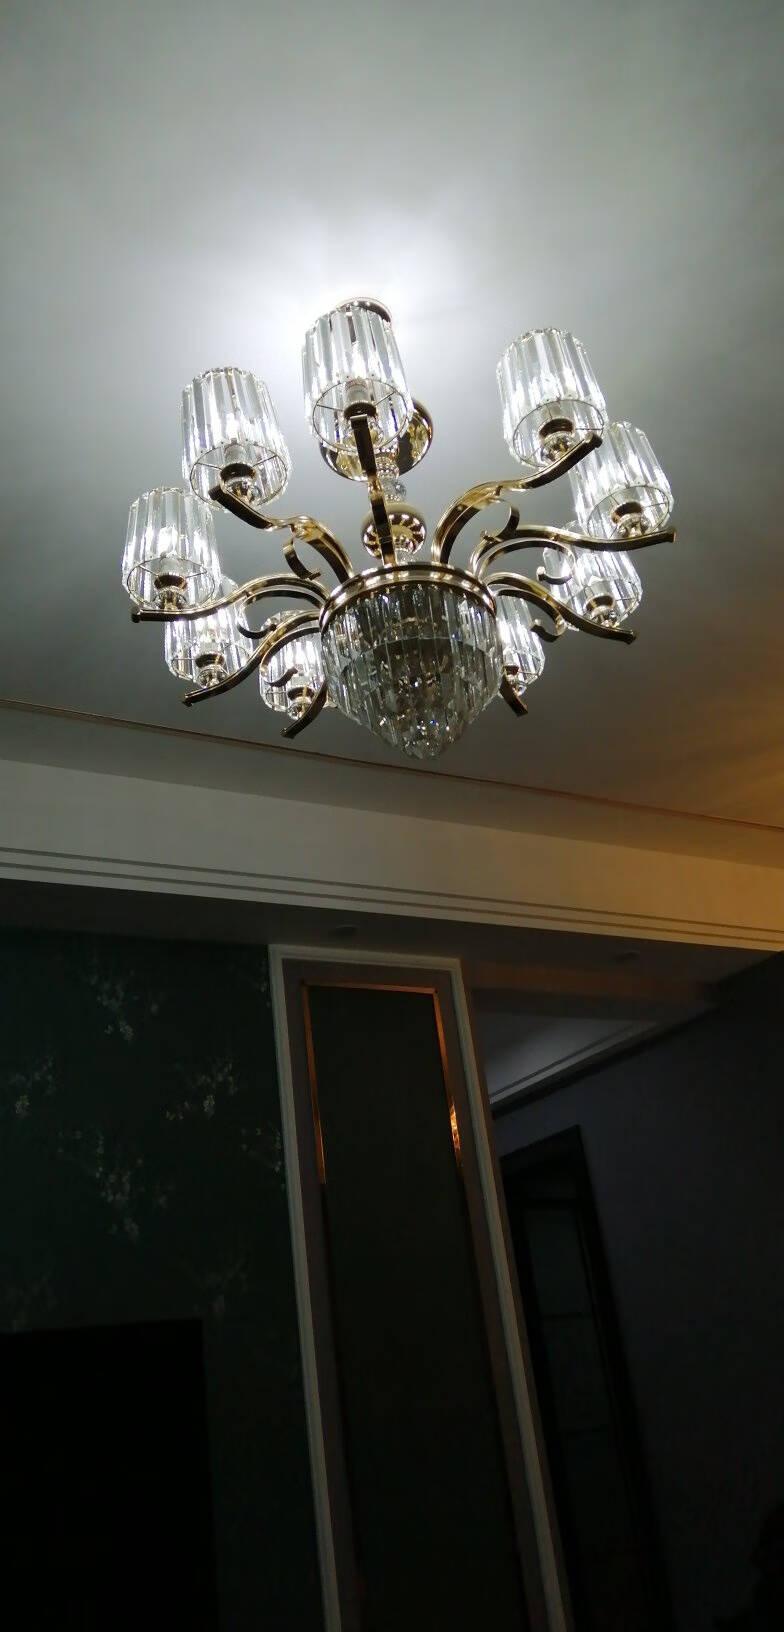 韵钰客厅吊灯欧式奢华大气水晶灯吸吊两用轻奢卧室餐厅复式楼吊灯具套餐6头(三色调光)吸吊两用